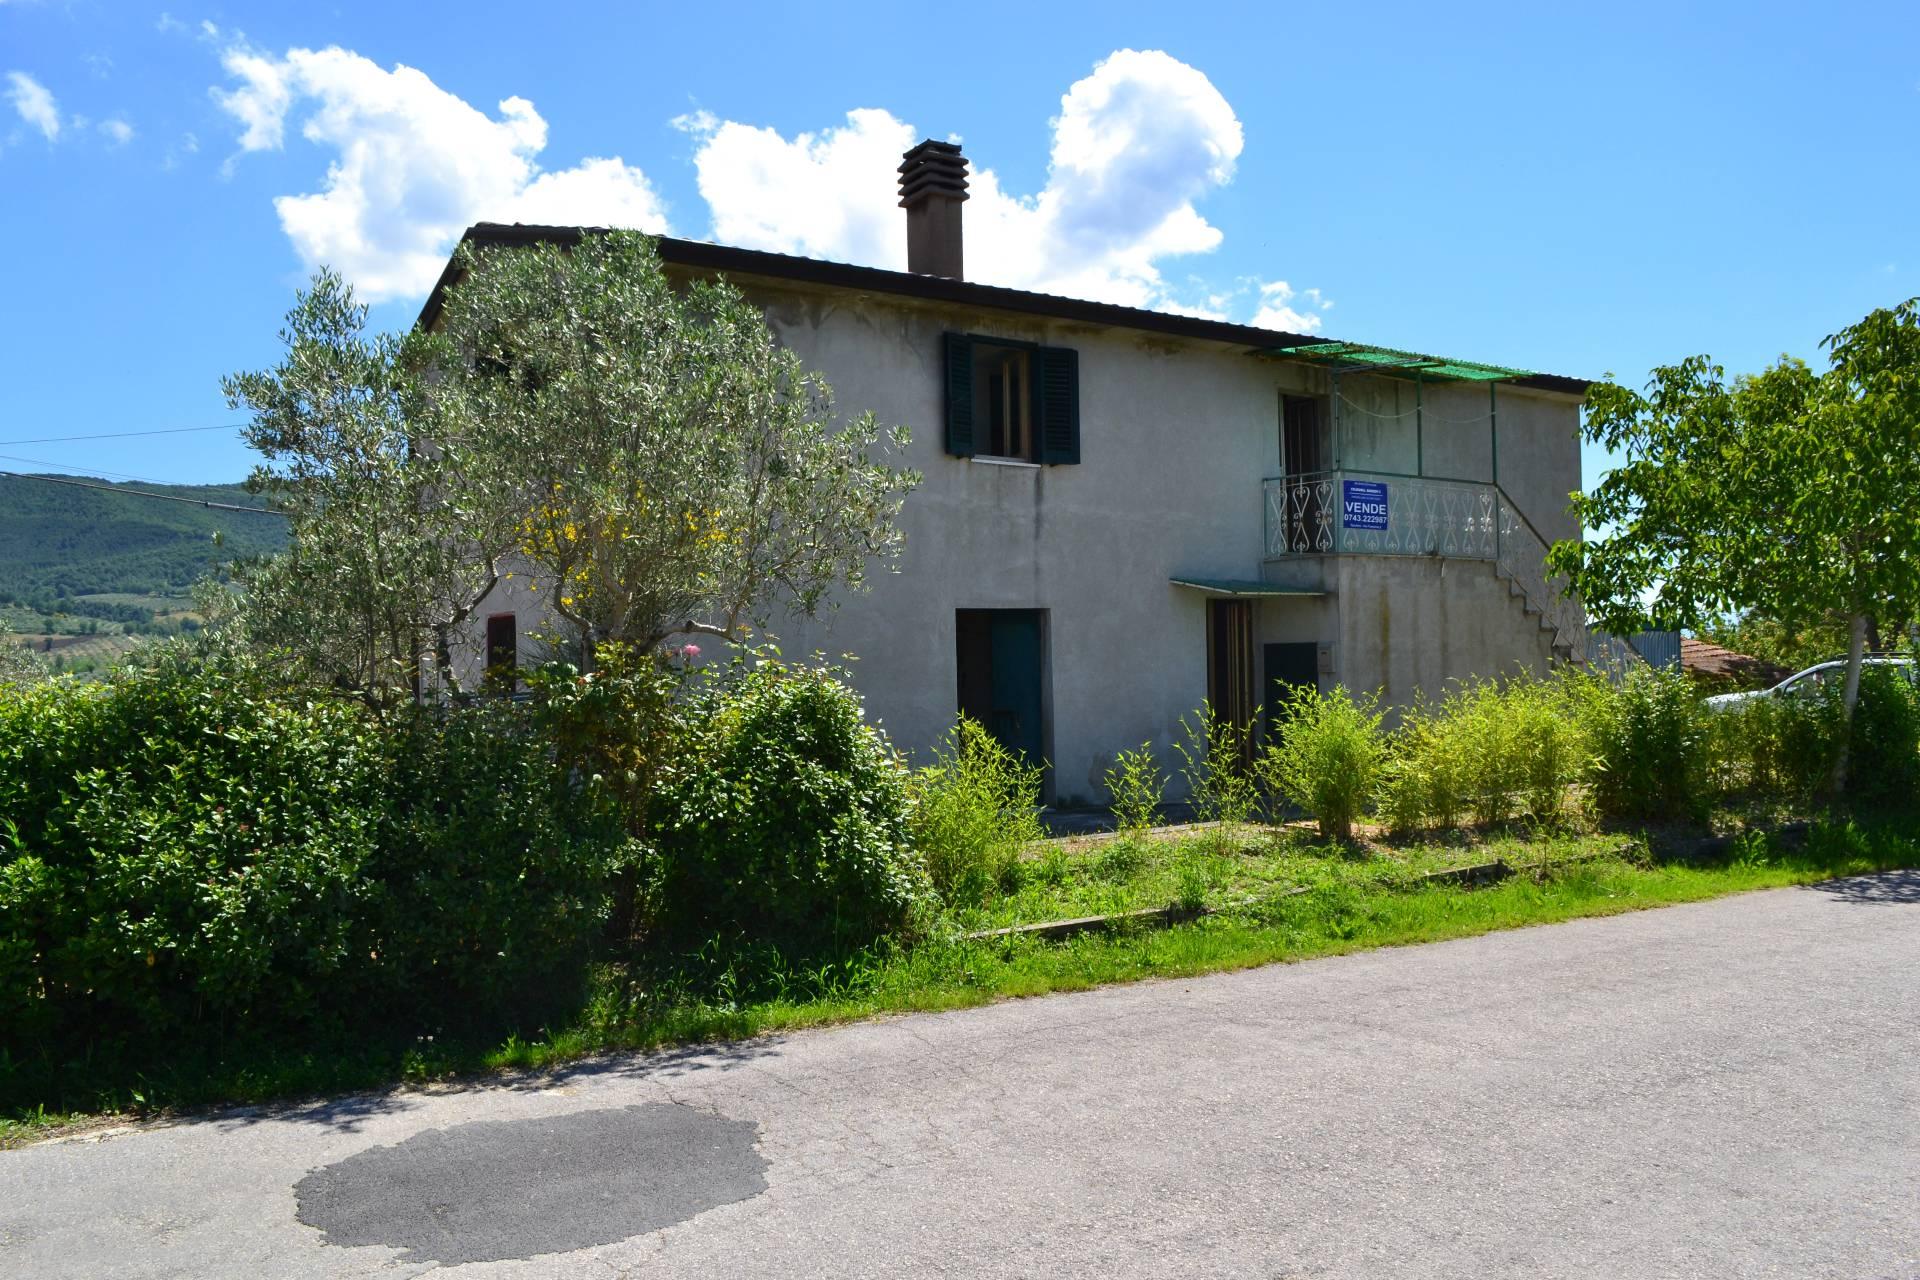 Soluzione Indipendente in vendita a Gualdo Cattaneo, 5 locali, zona Zona: Cerquiglino, prezzo € 88.000 | Cambio Casa.it